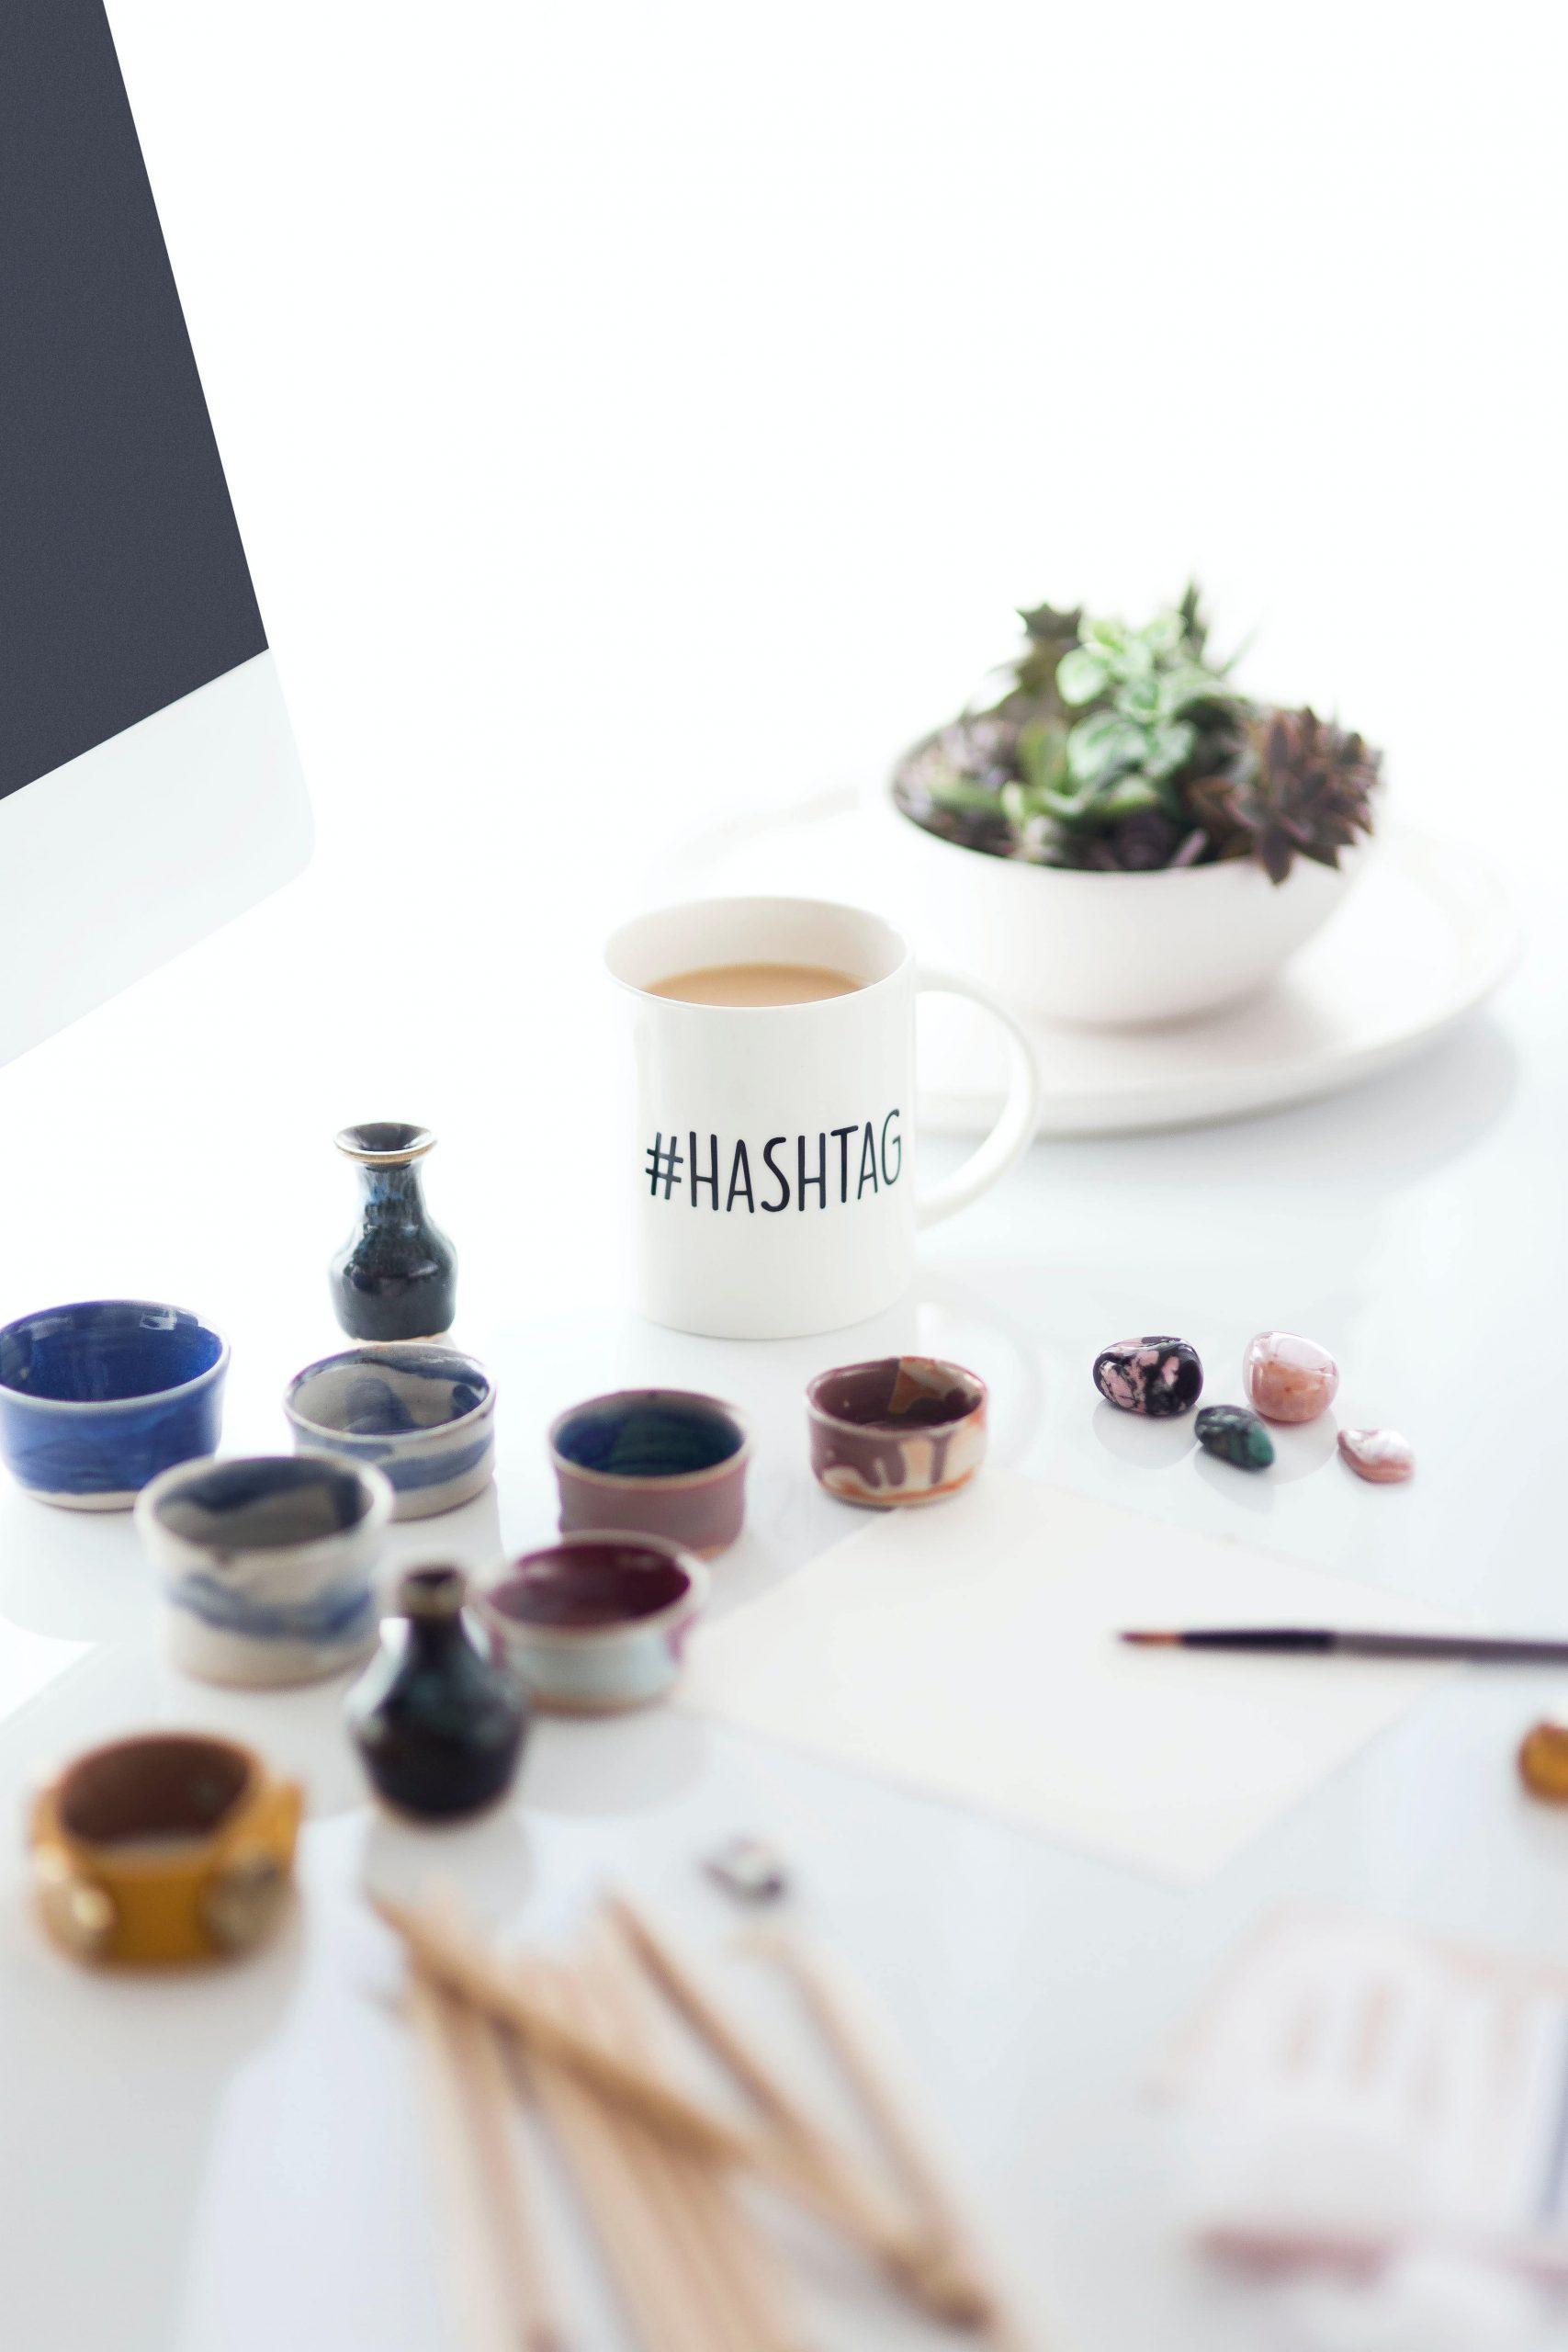 Hashtag en taza de café en mesa con pinturas=